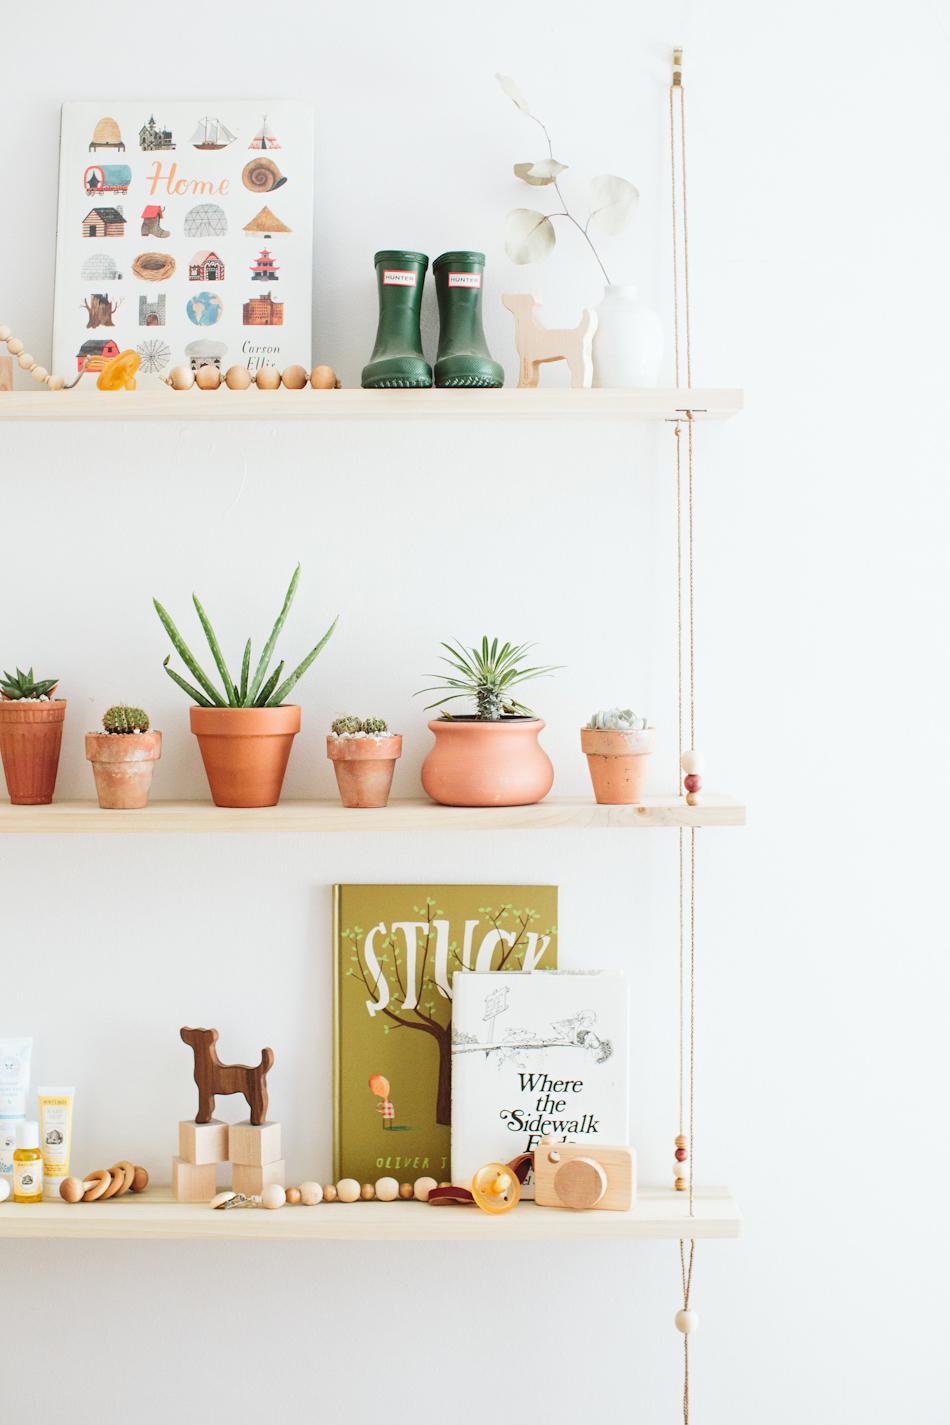 Kleine potjes met een cactusplantje staat superleuk op een plankje